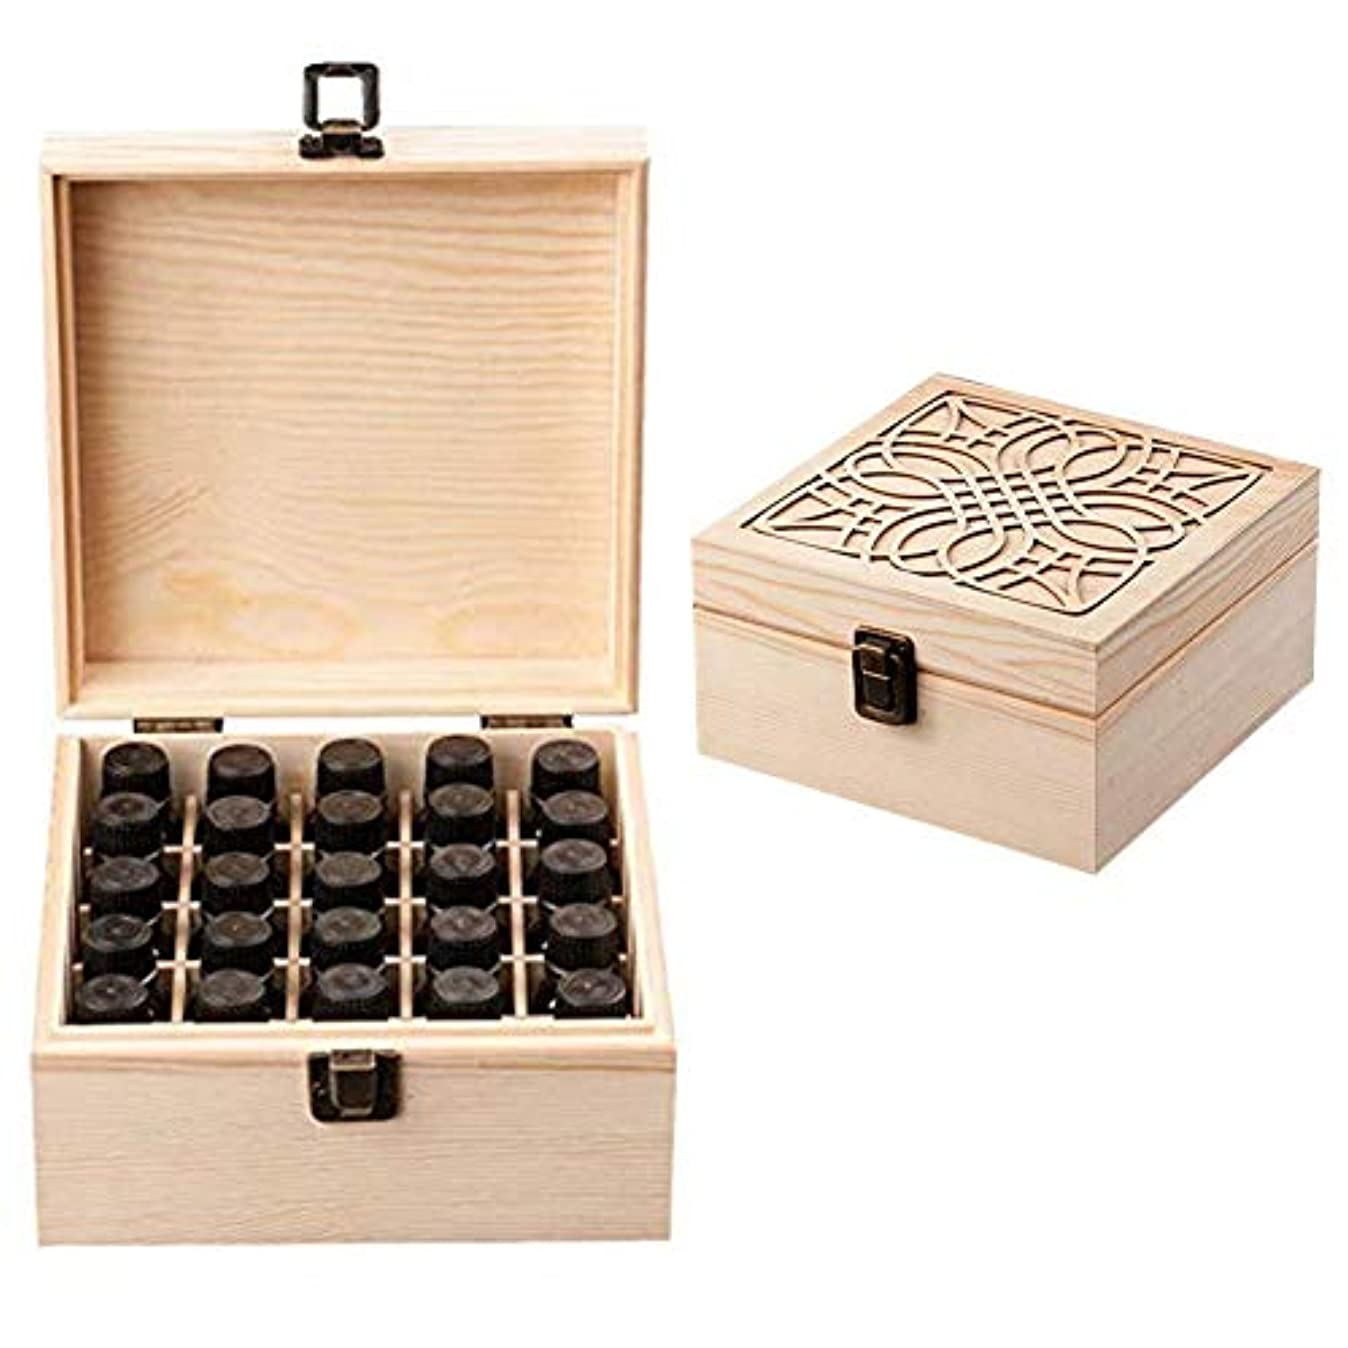 いわゆる一回含めるエッセンシャルオイル収納ボックス 大容量 和風 レトロ 木製 精油収納 携帯便利 オイルボックス 飾り物 25本用